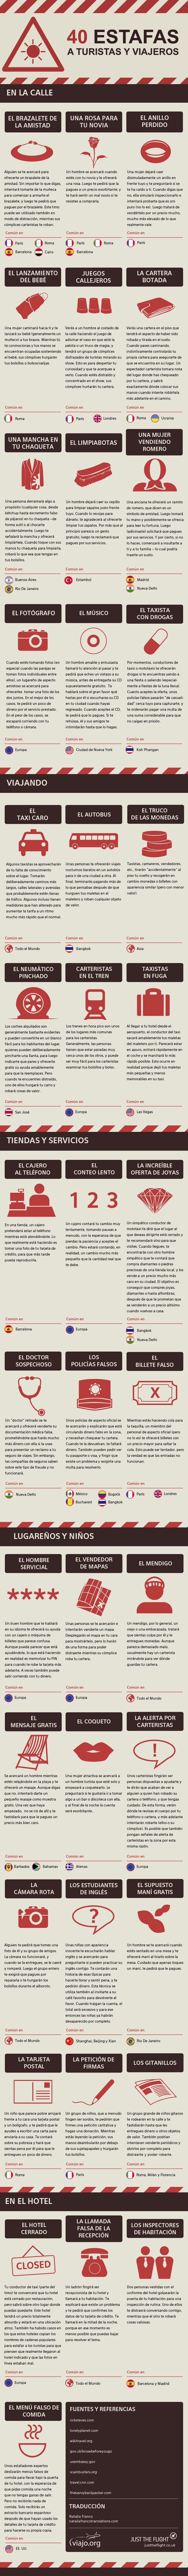 Infografía: 40 estafas a turistas y viajeros